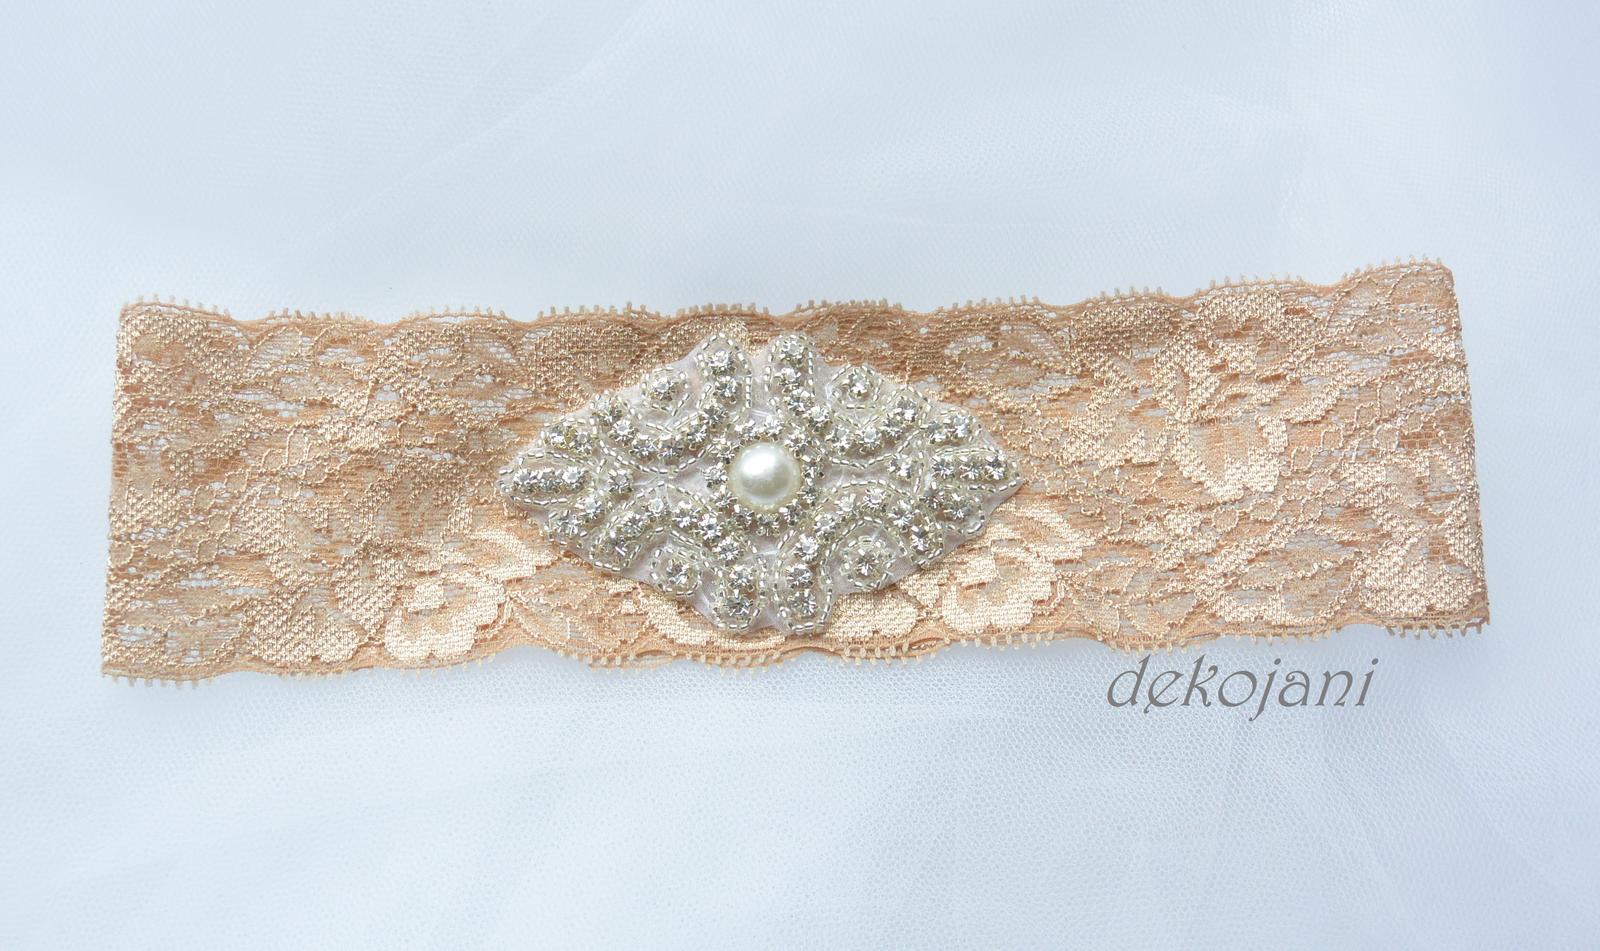 Béžový krajkový podvazek s broží S-XXXL - Obrázek č. 1